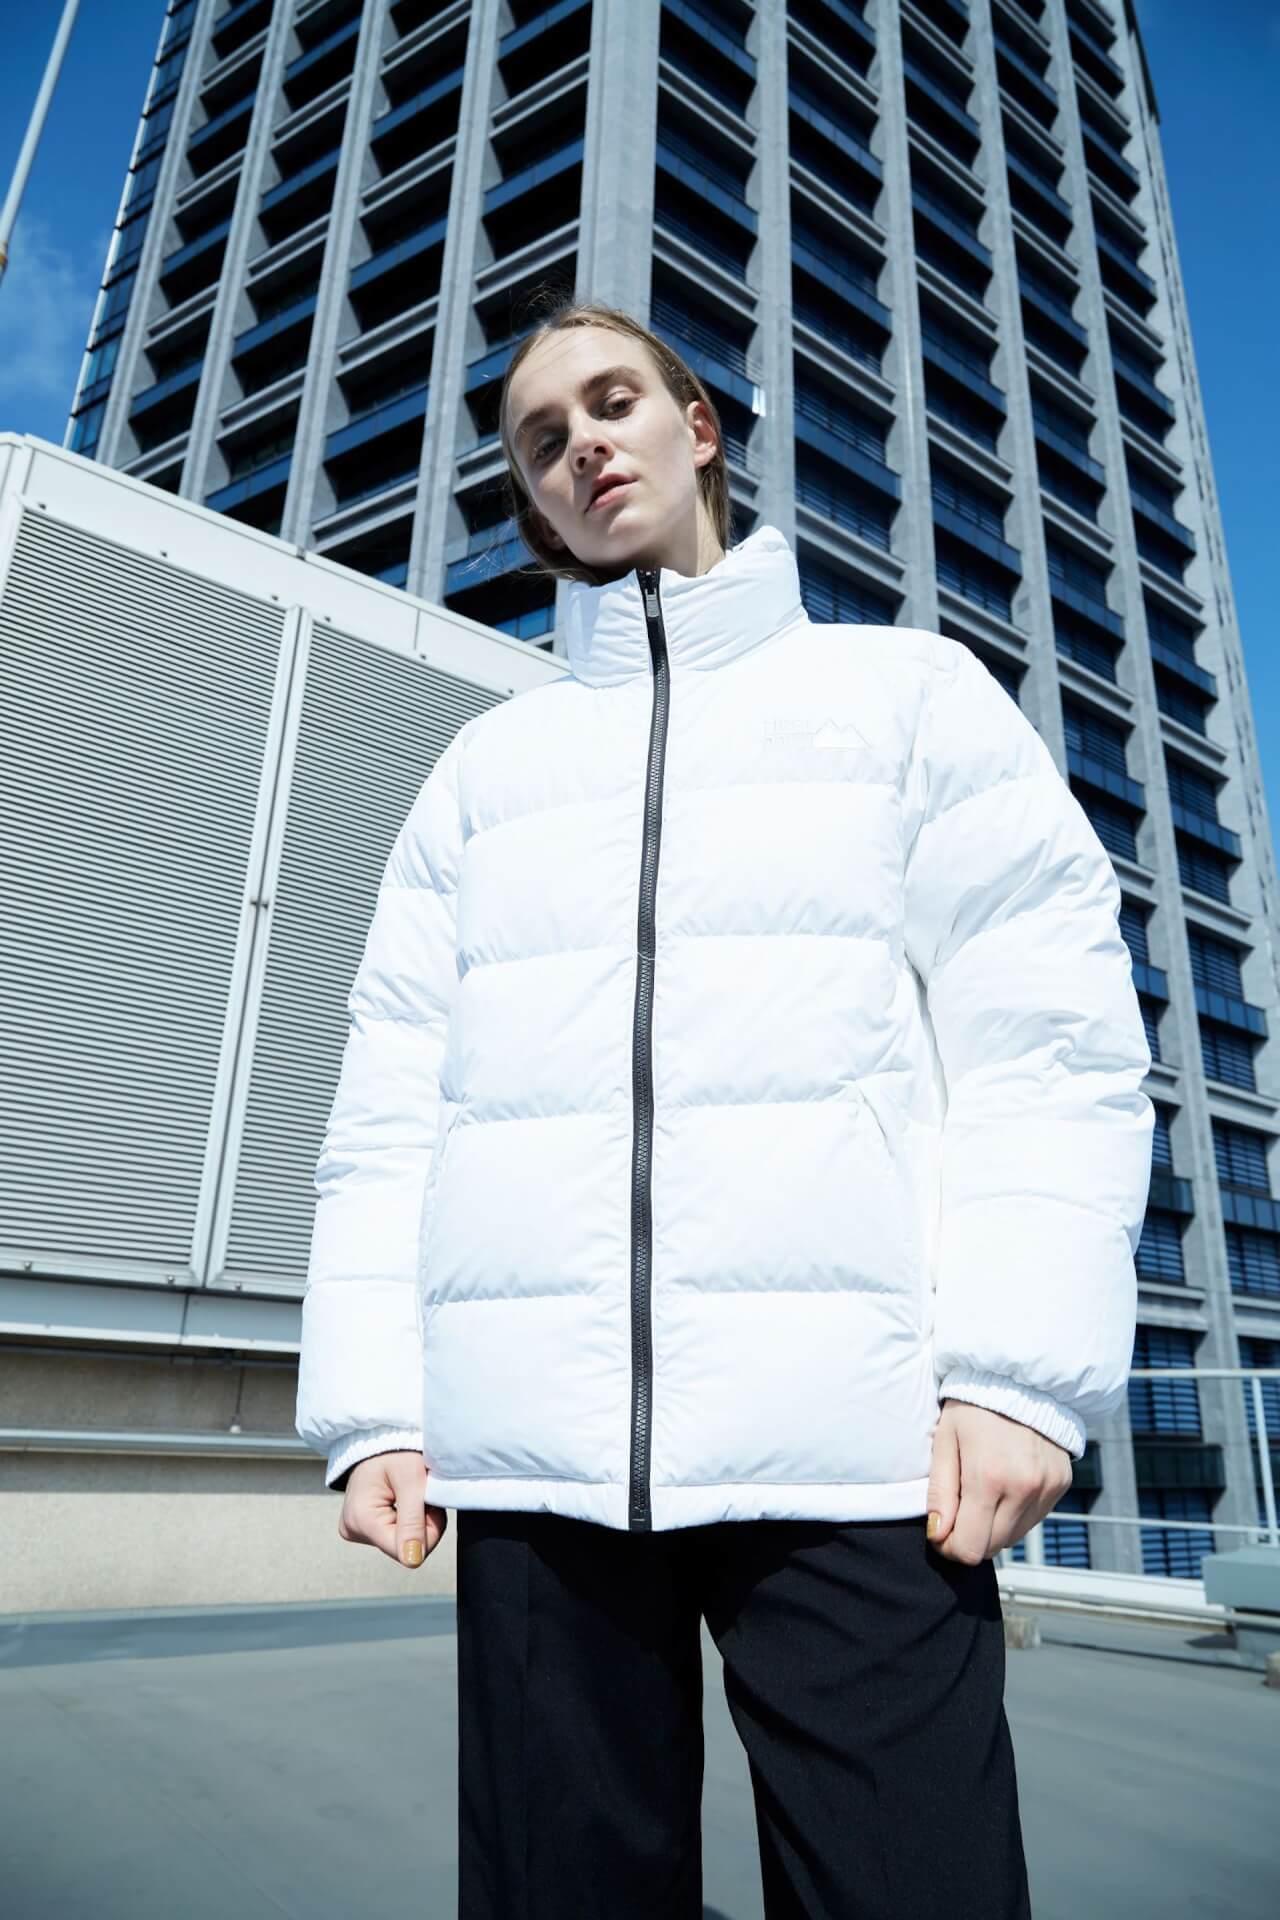 FIRST DOWNの別注アウターがセレクトショップ・styling/から発売決定!フードコート、ボアブルゾン、リバーシブルダウンの3型 fashion2020915-firstdown3